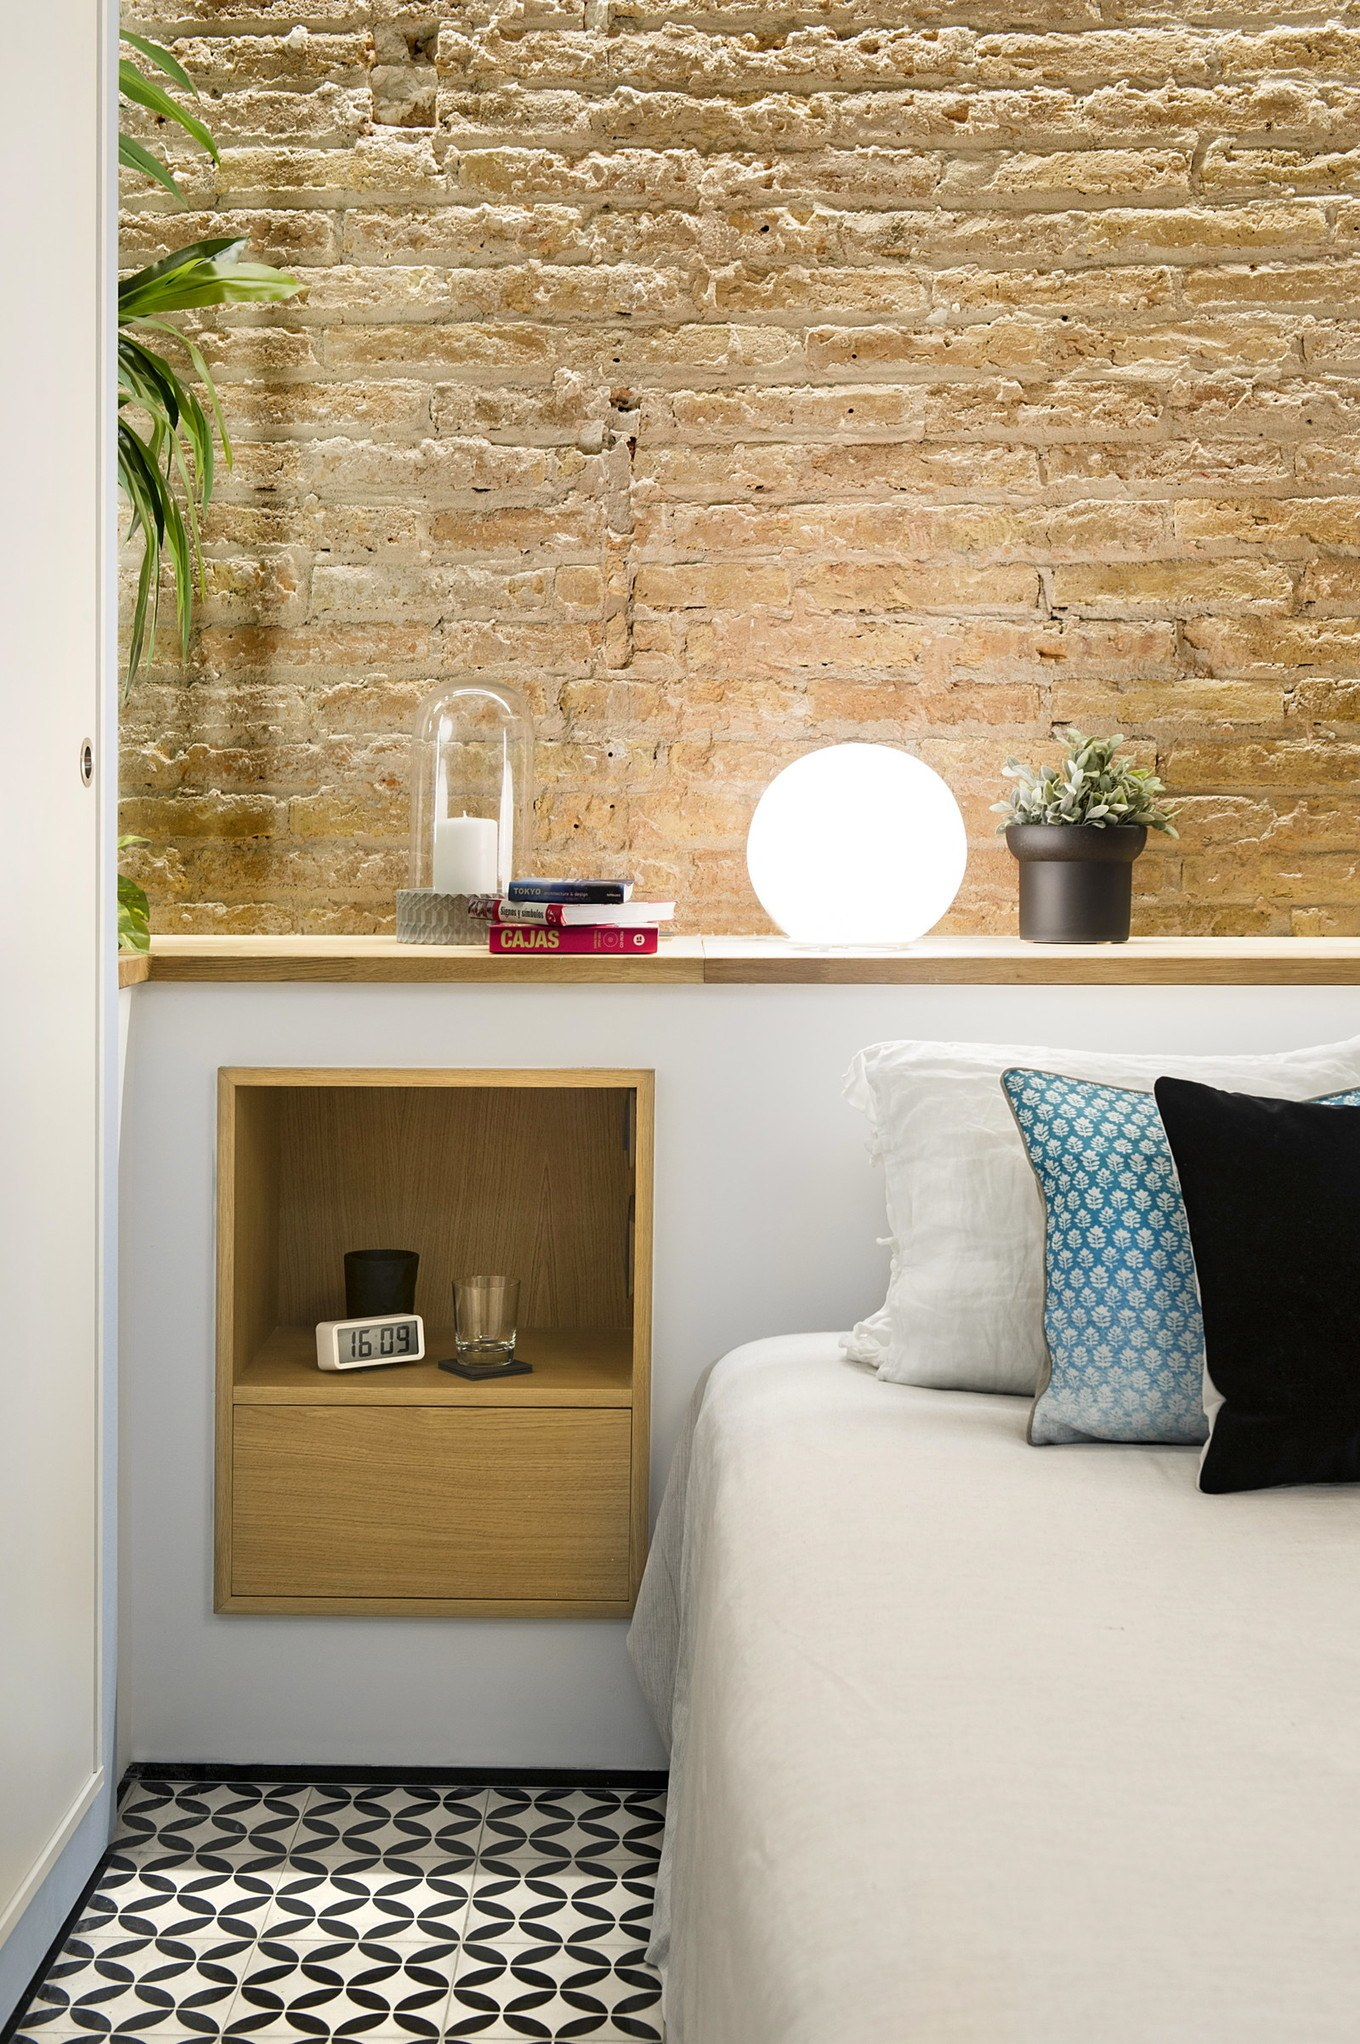 Mẫu thiết kế thi công căn hộ 1 phòng ngủ